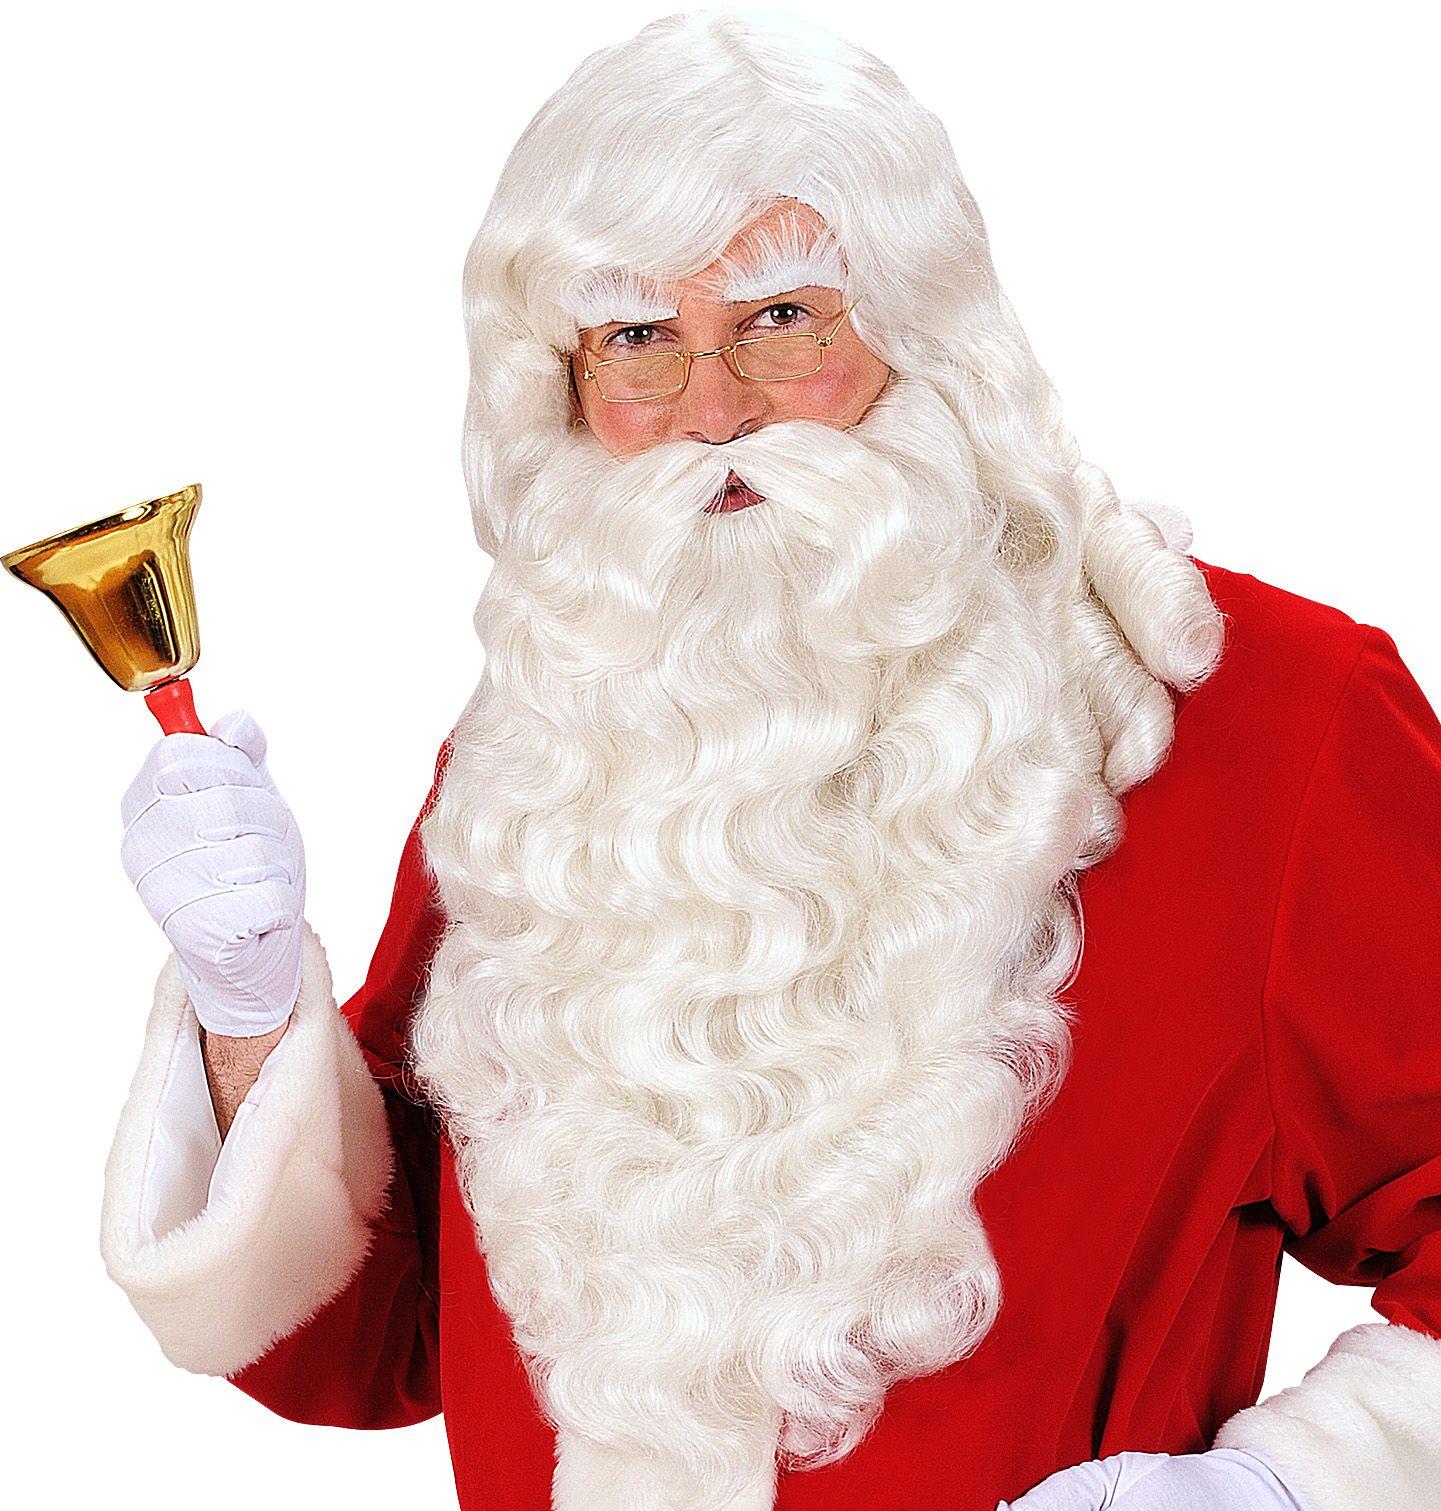 Kerstman pruik, baard, snor en wenkbrauwen